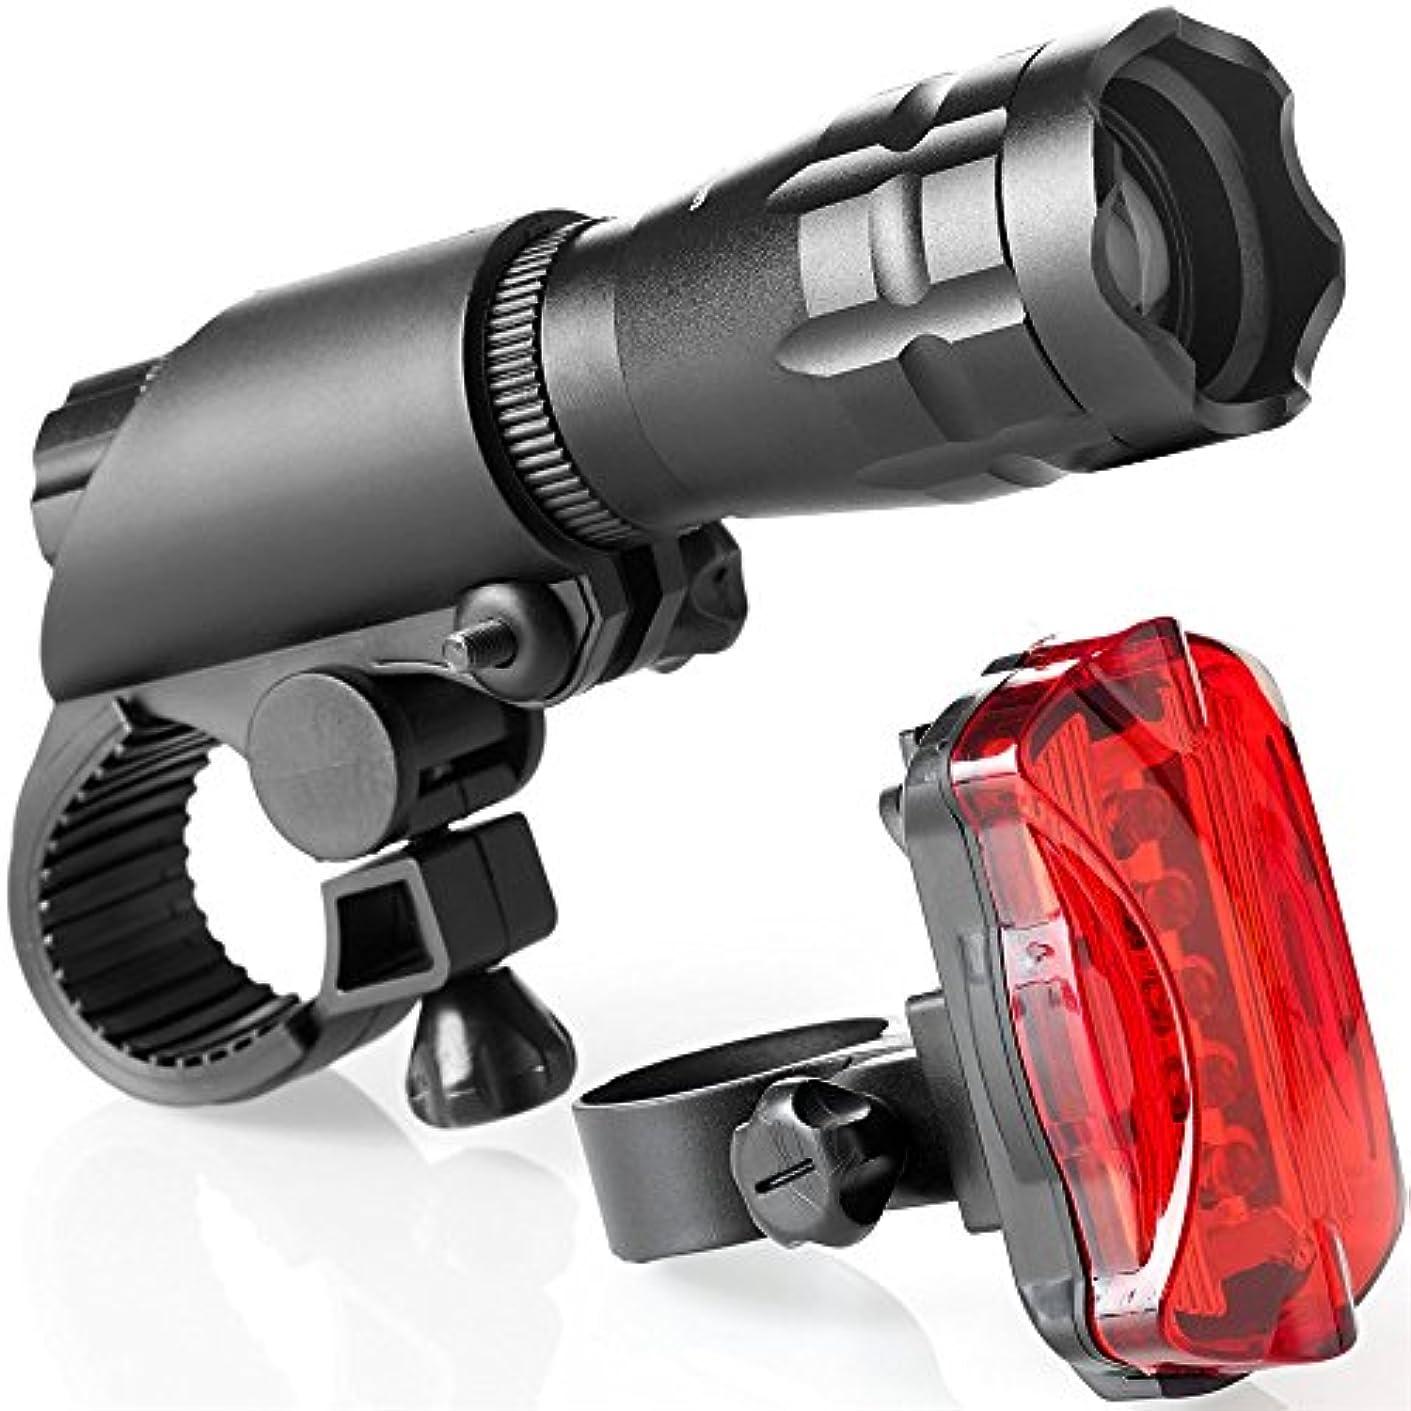 店主シンクつぶやき充電式自転車ライト 充電、ズーム、強いライディング懐中電灯セット - LED自転車ライト1ヘッドライトと1テールライト充電式自転車ライト